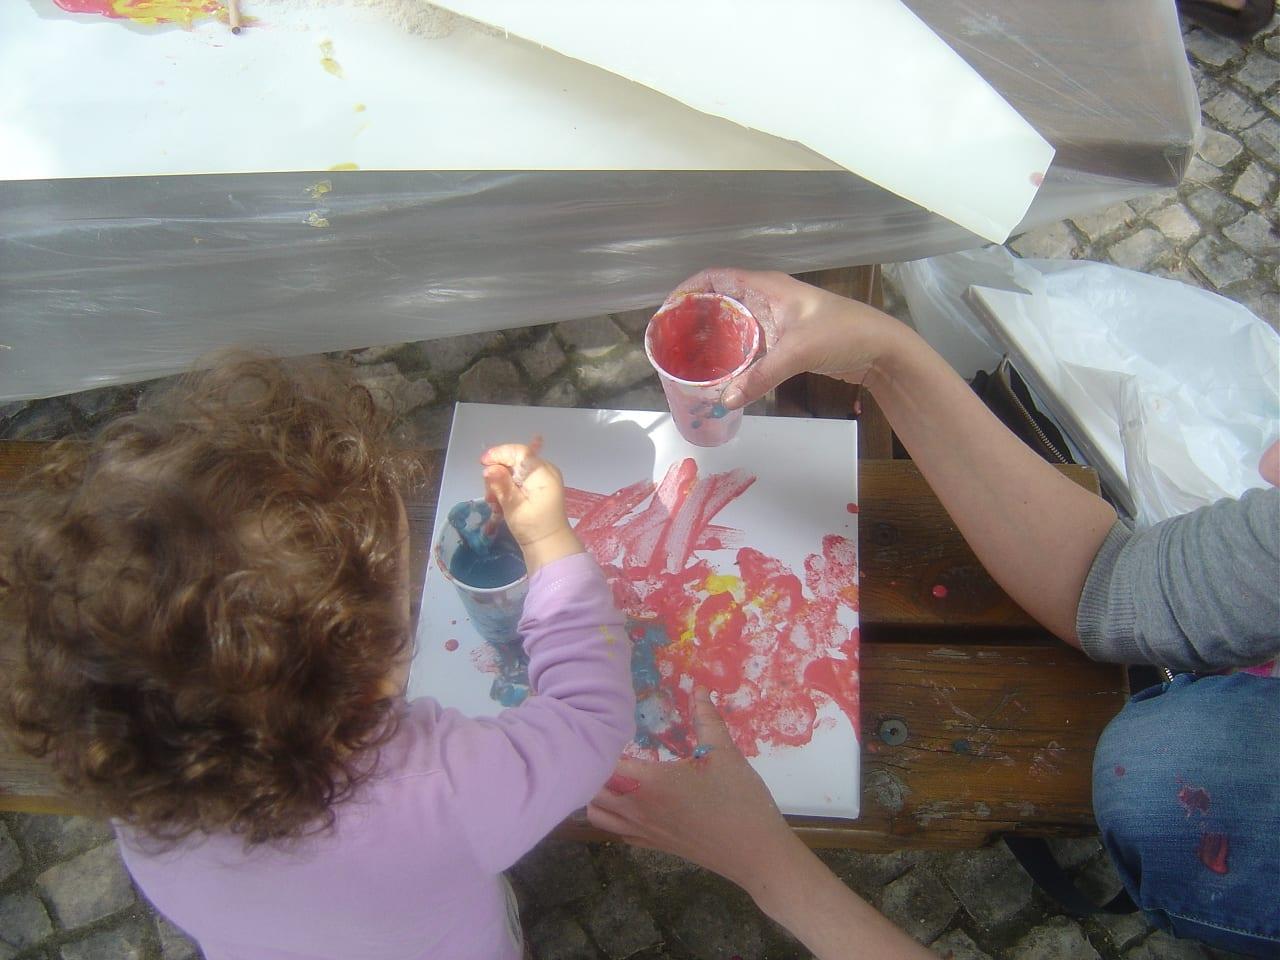 Atividade para bebés no jardim da sorrisos e descobertas 6 meses Vamos ao jardim brincar, pintar, sujar!